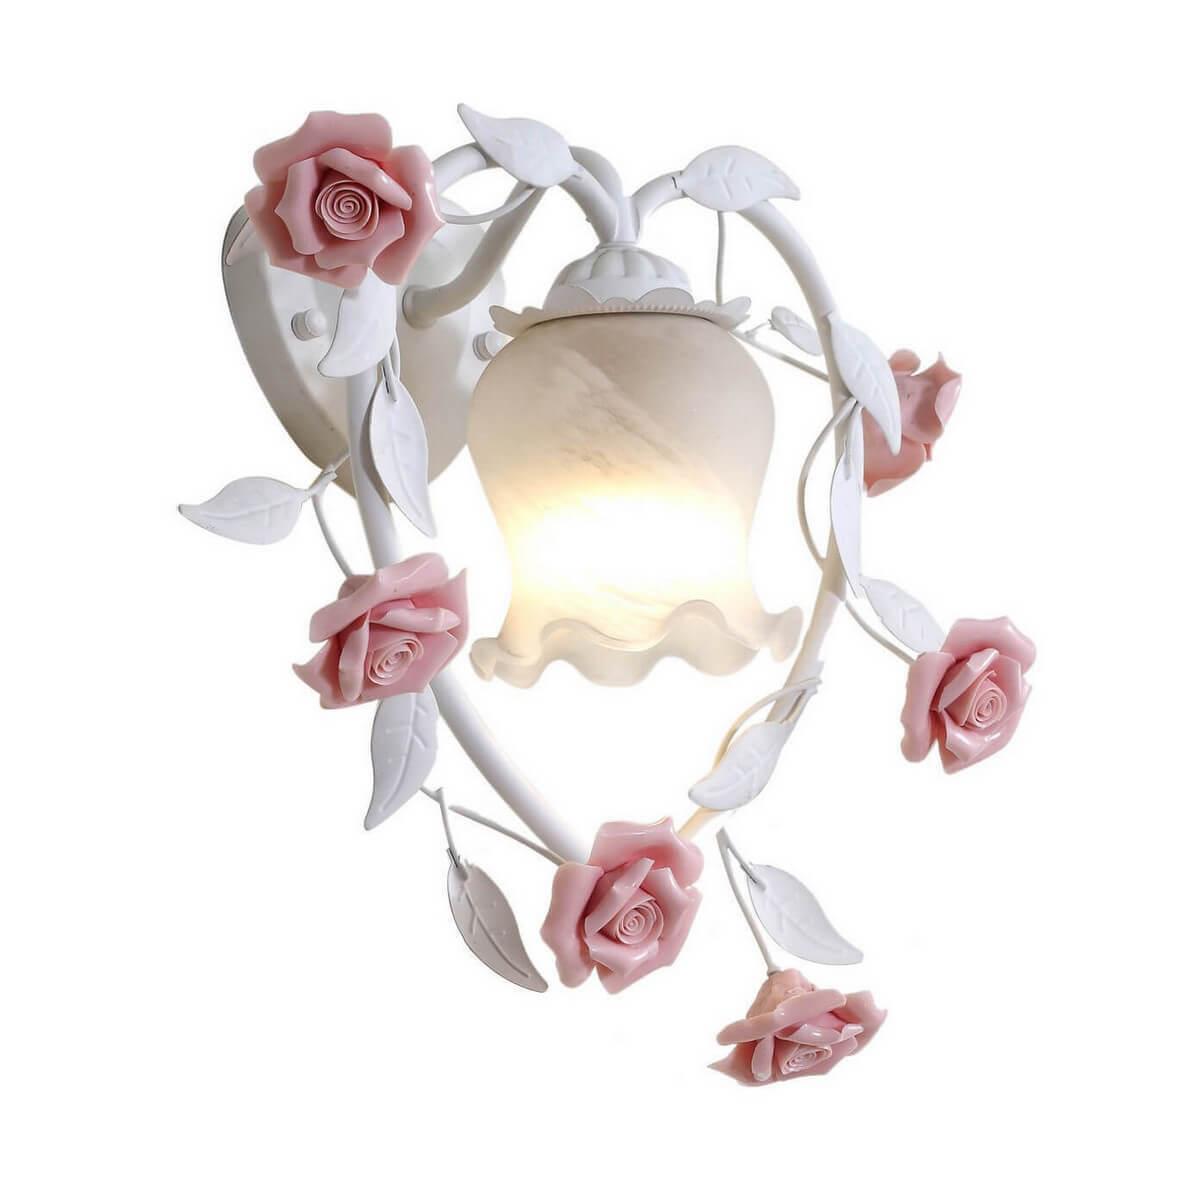 Бра Lucia Tucci Fiori Di Rose W110.1 Fiori Di Rose дж вариско alla caccia dei fiori